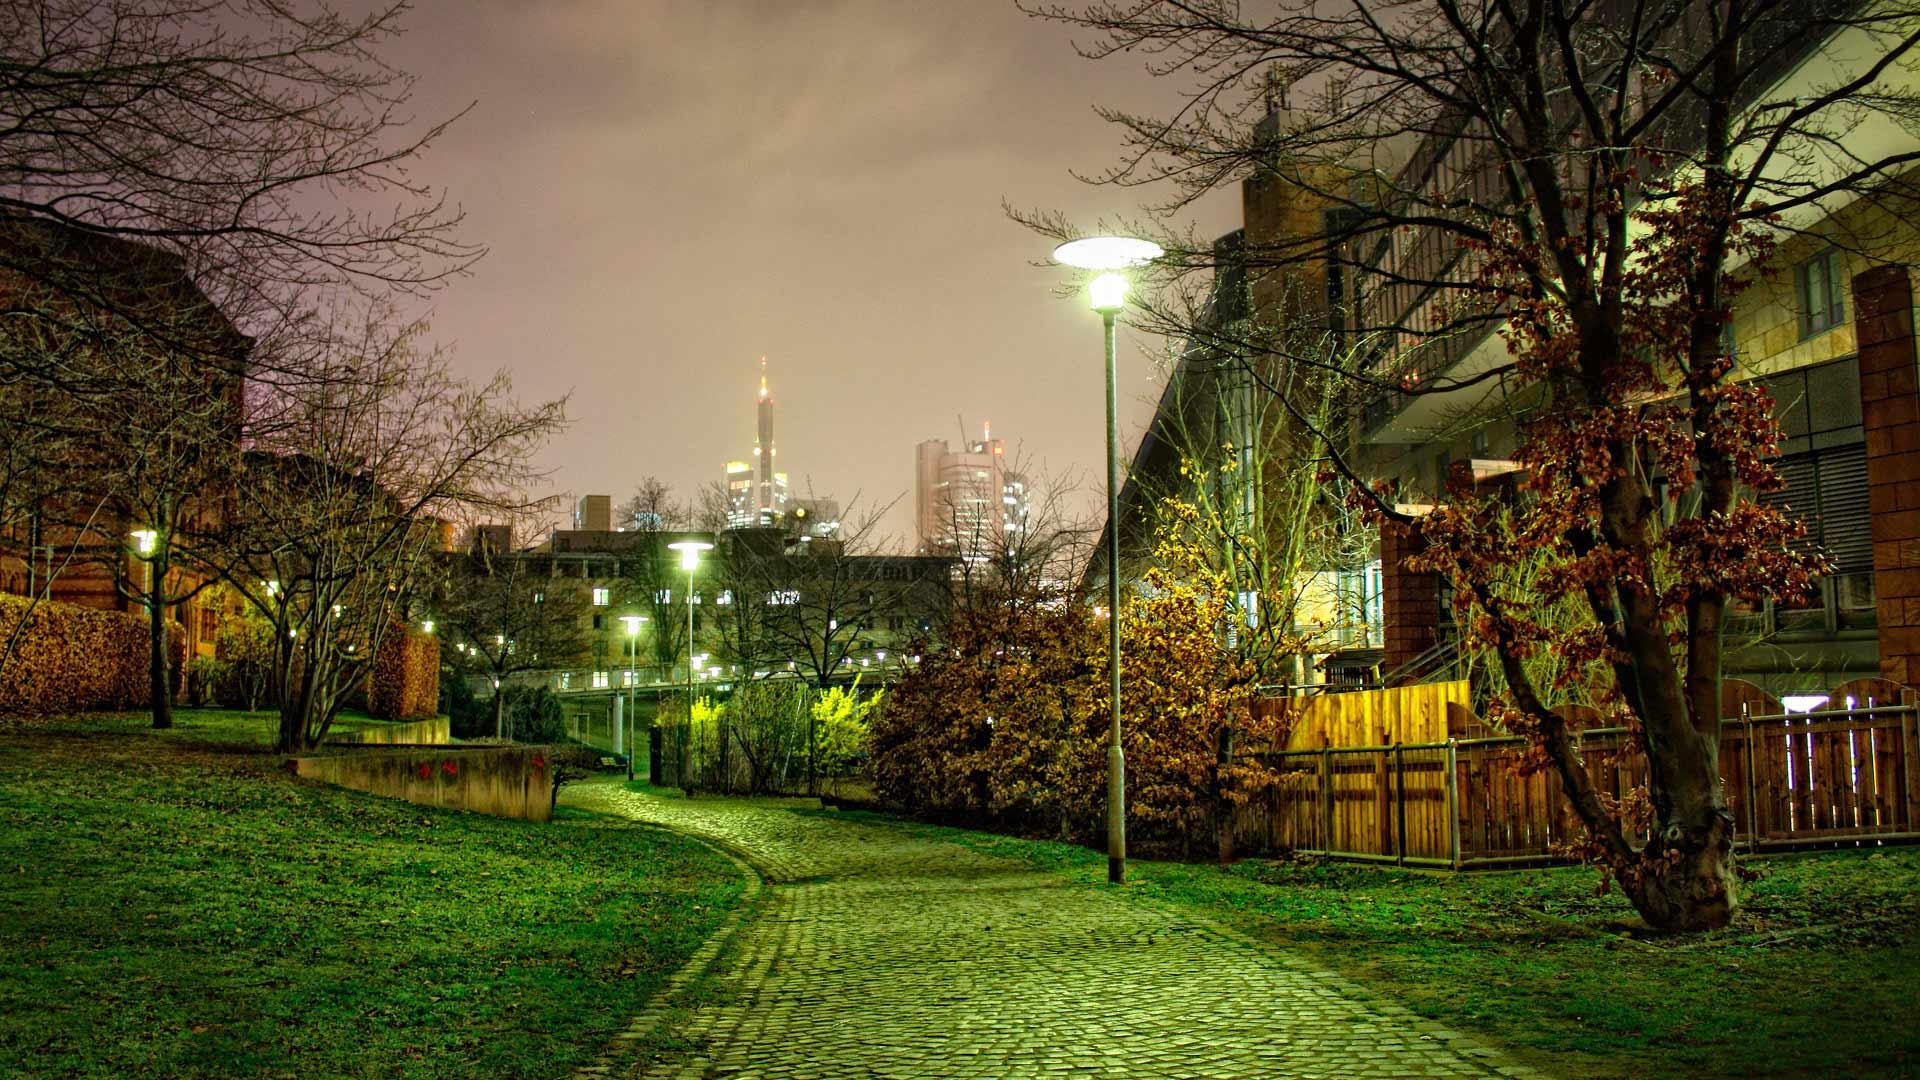 осенний город картинки